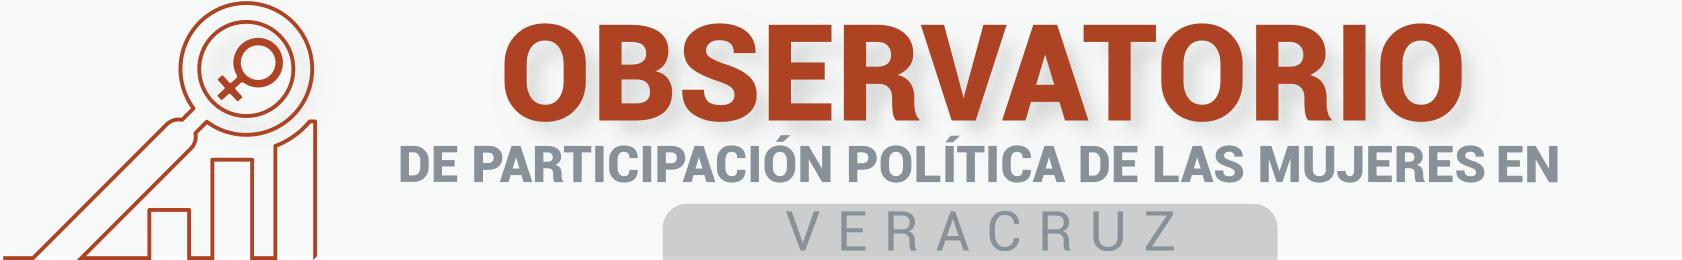 Observatorio de Participación Política de las Mujeres en Veracruz